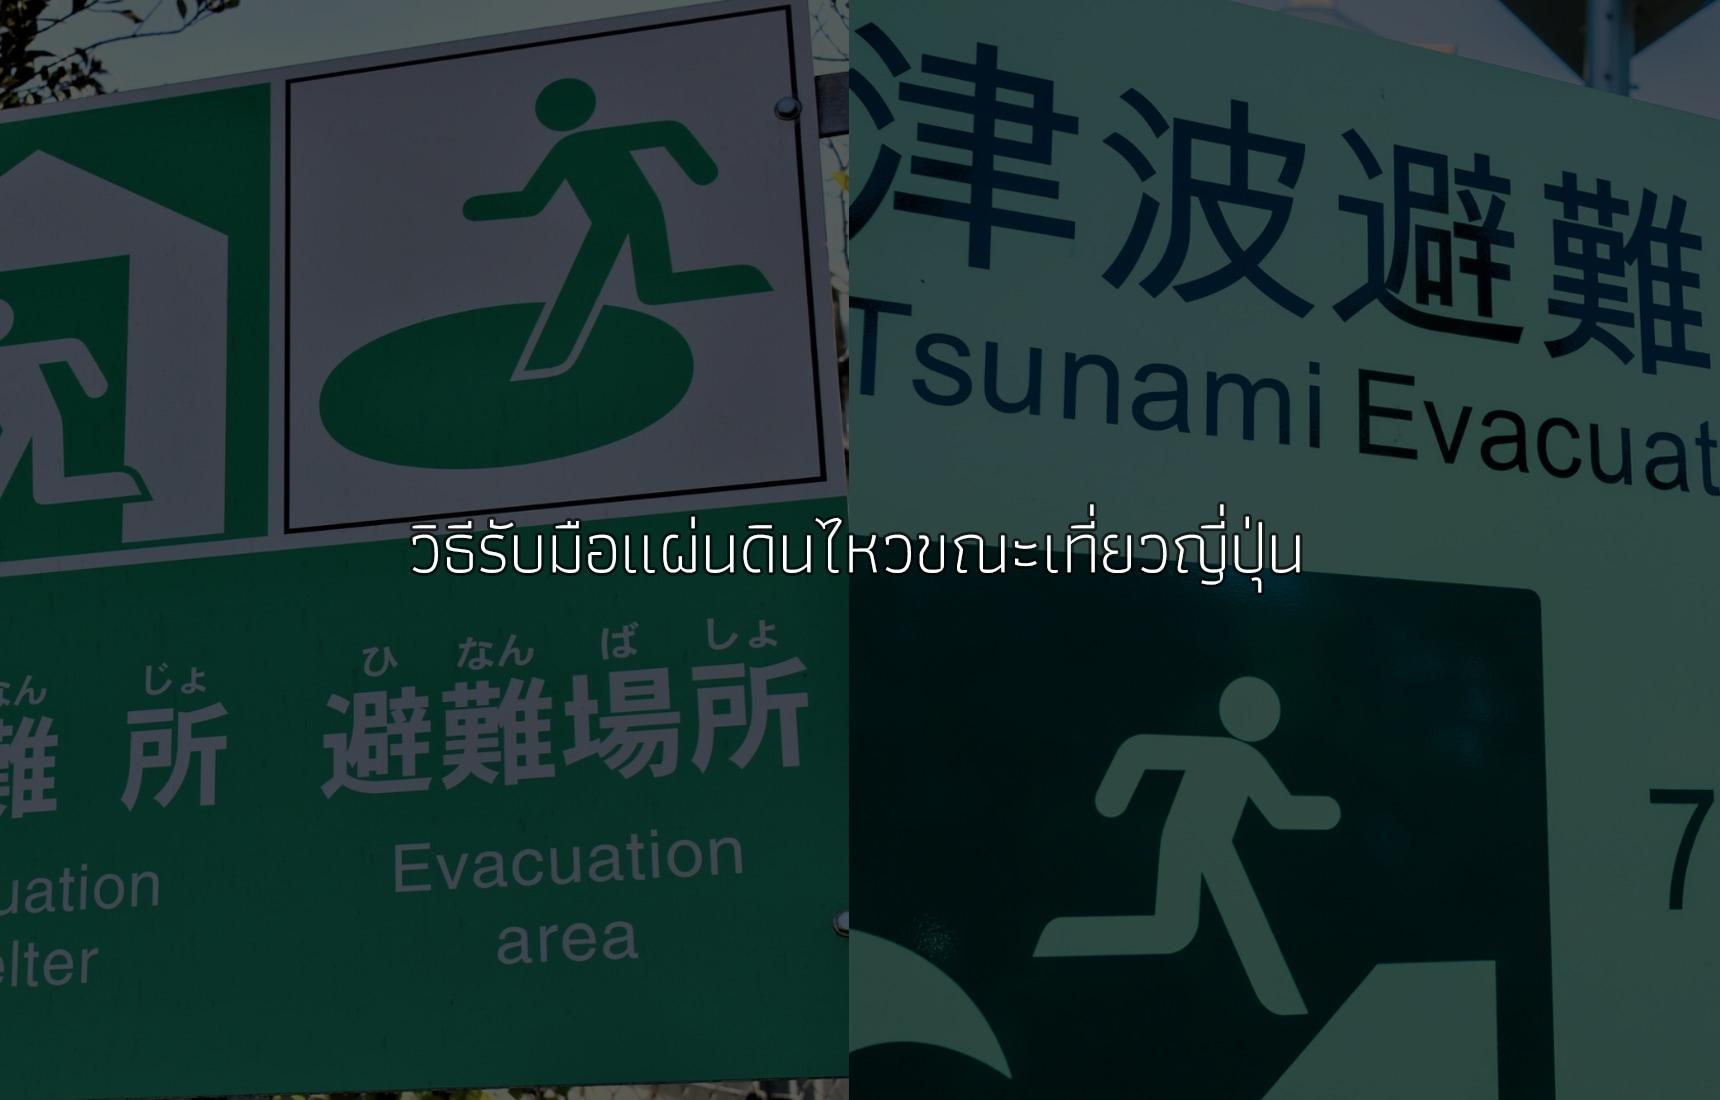 วิธีรับมือแผ่นดินไหวขณะเที่ยวญี่ปุ่น